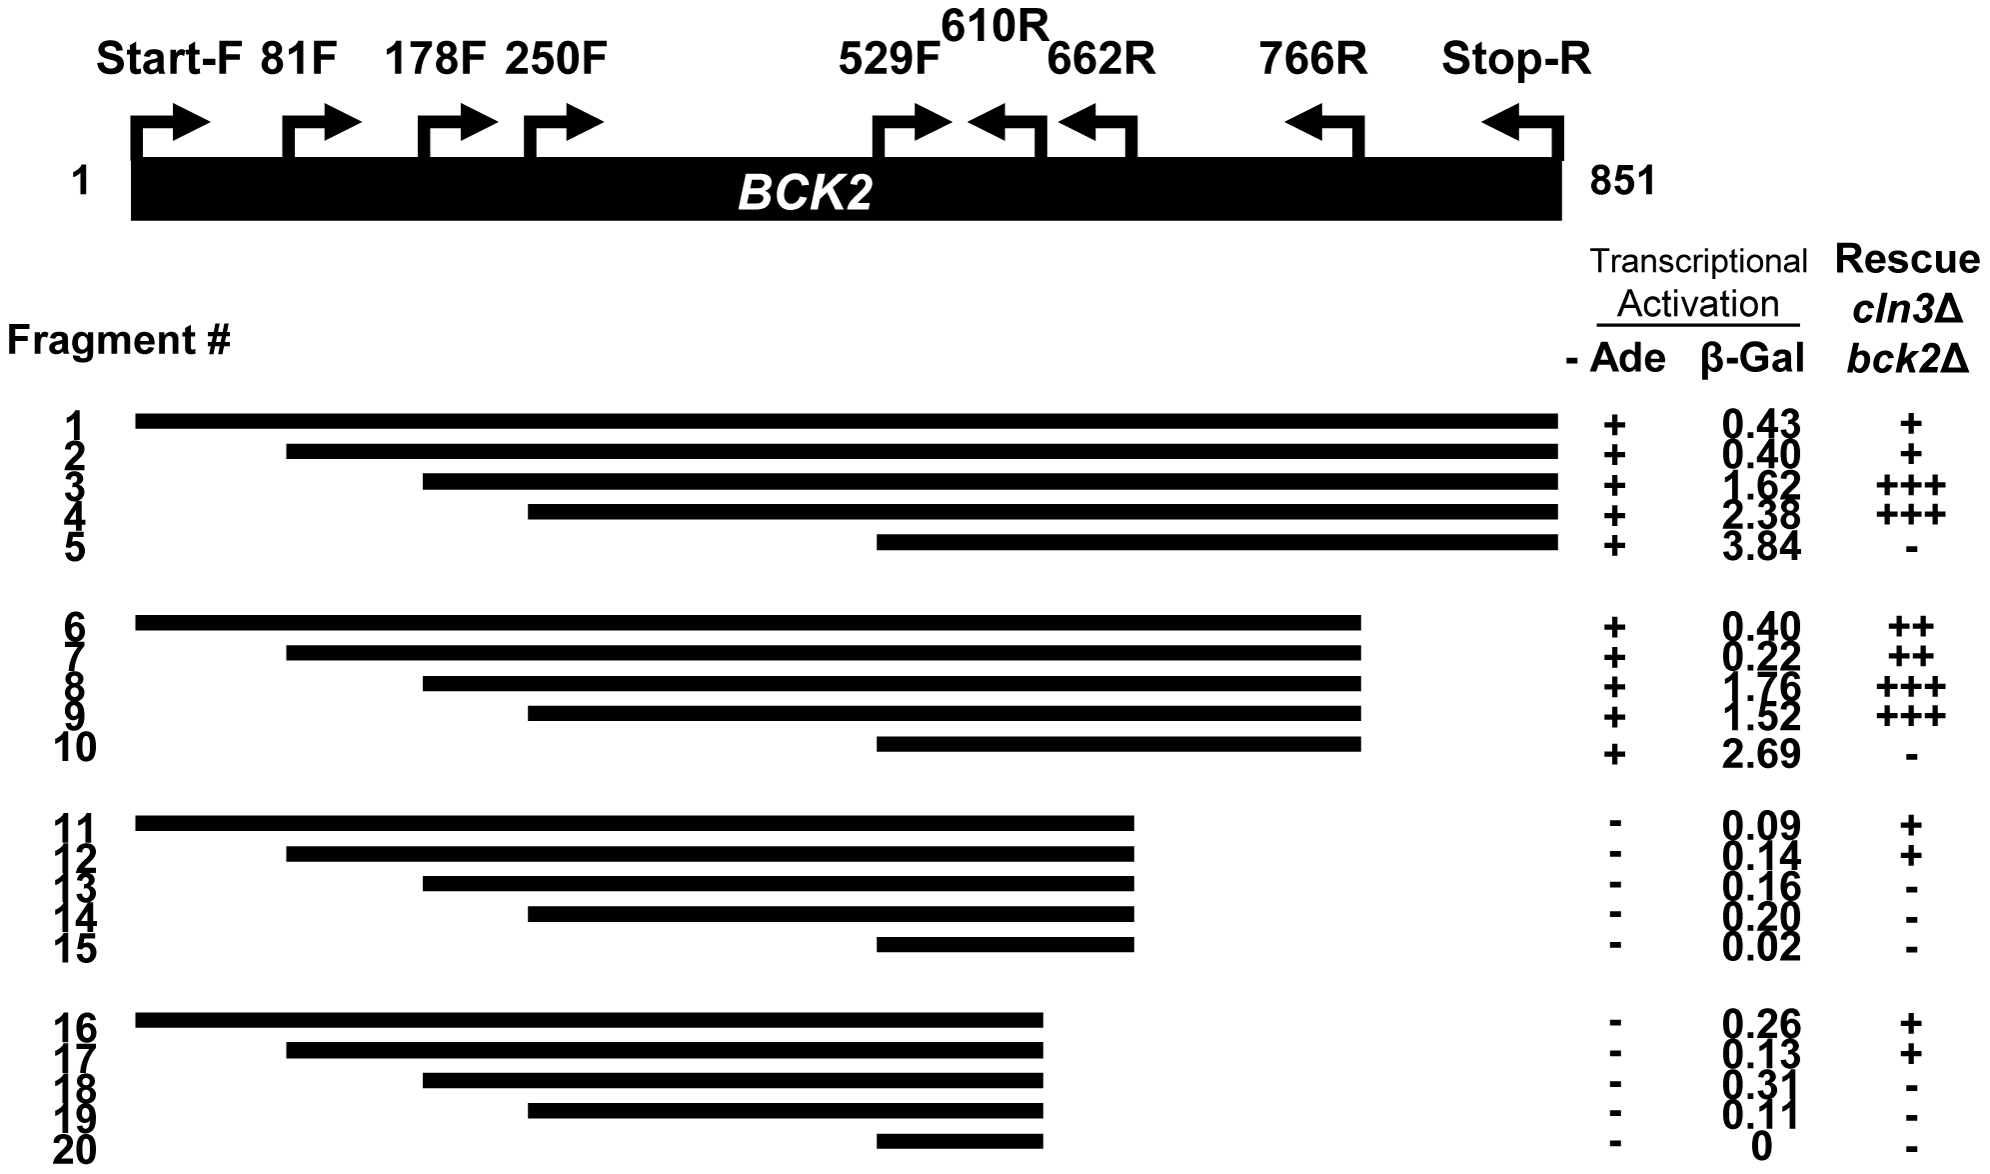 Truncation analysis of the <i>BCK2</i> gene.